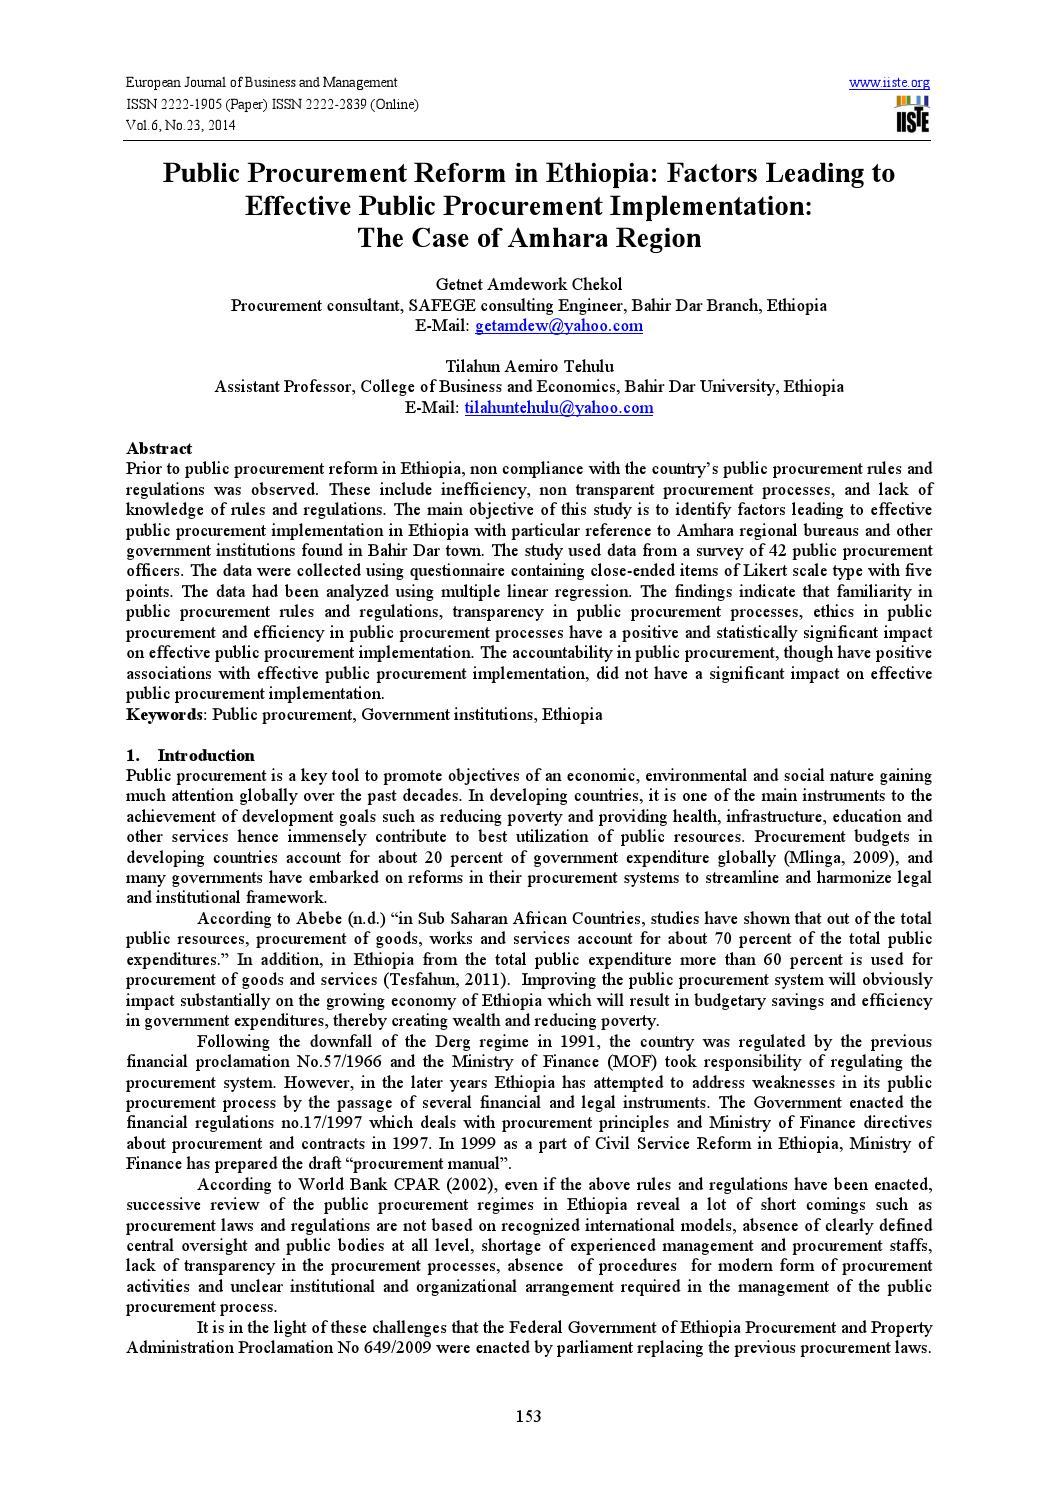 Public procurement reform in ethiopia by Alexander Decker